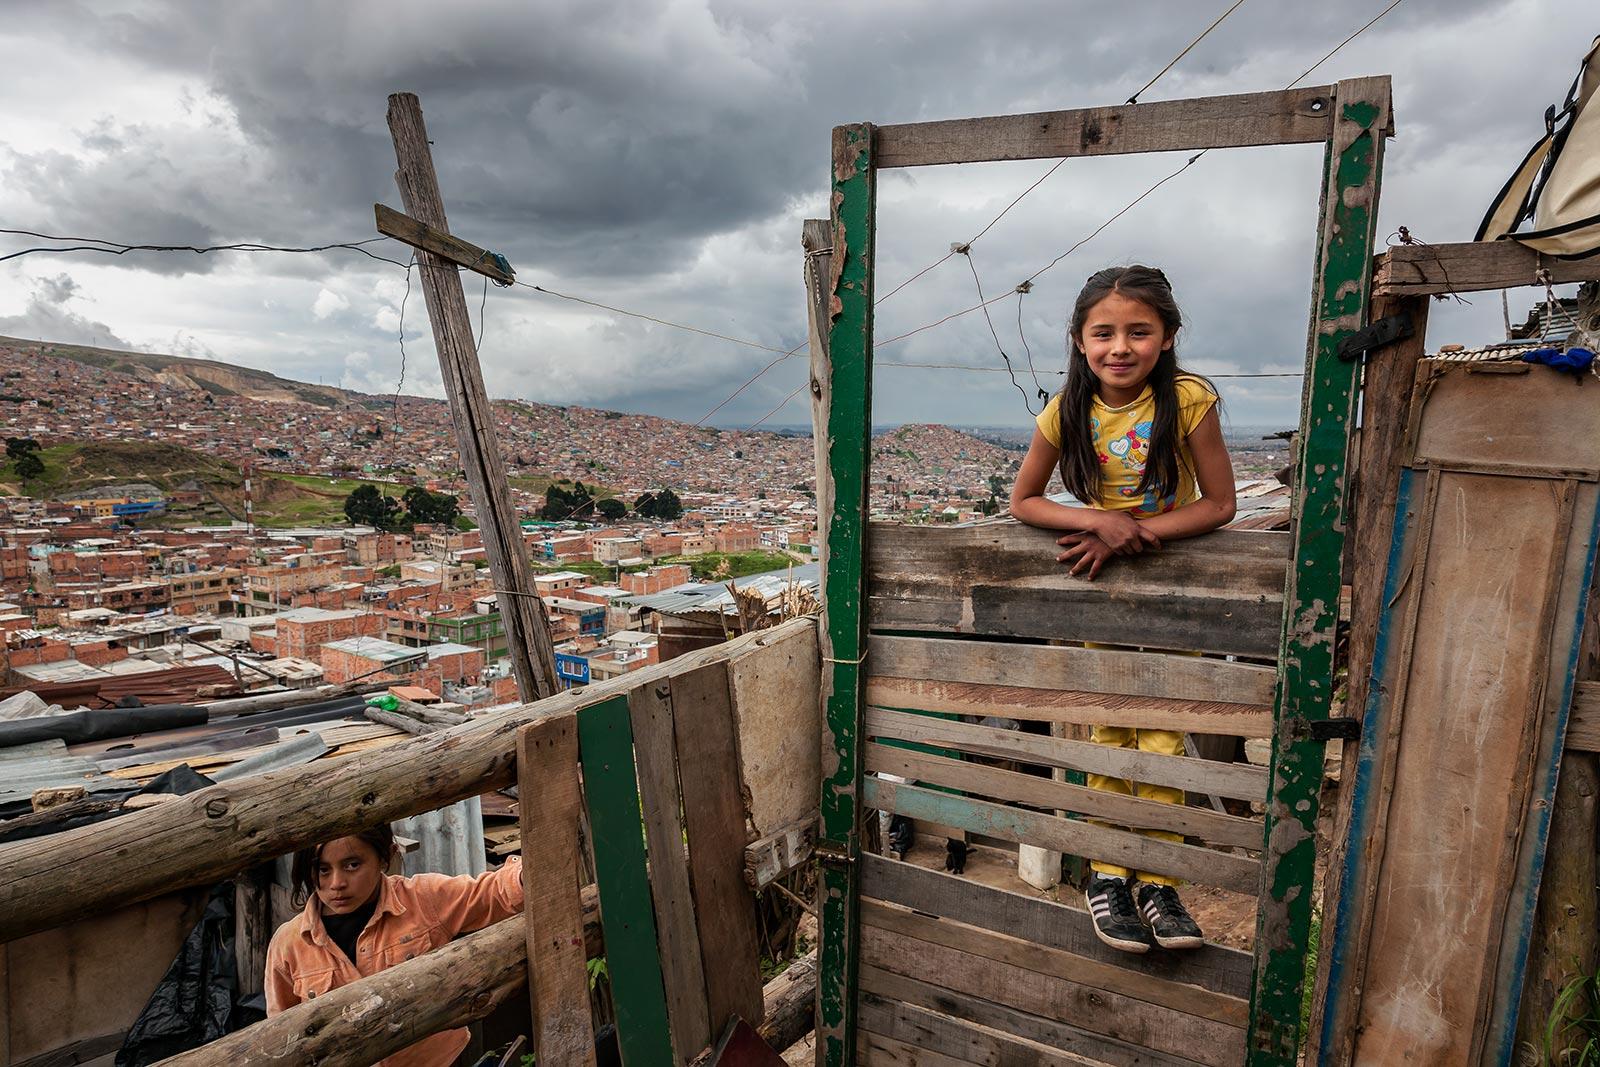 콜롬비아에서 만난 아이들